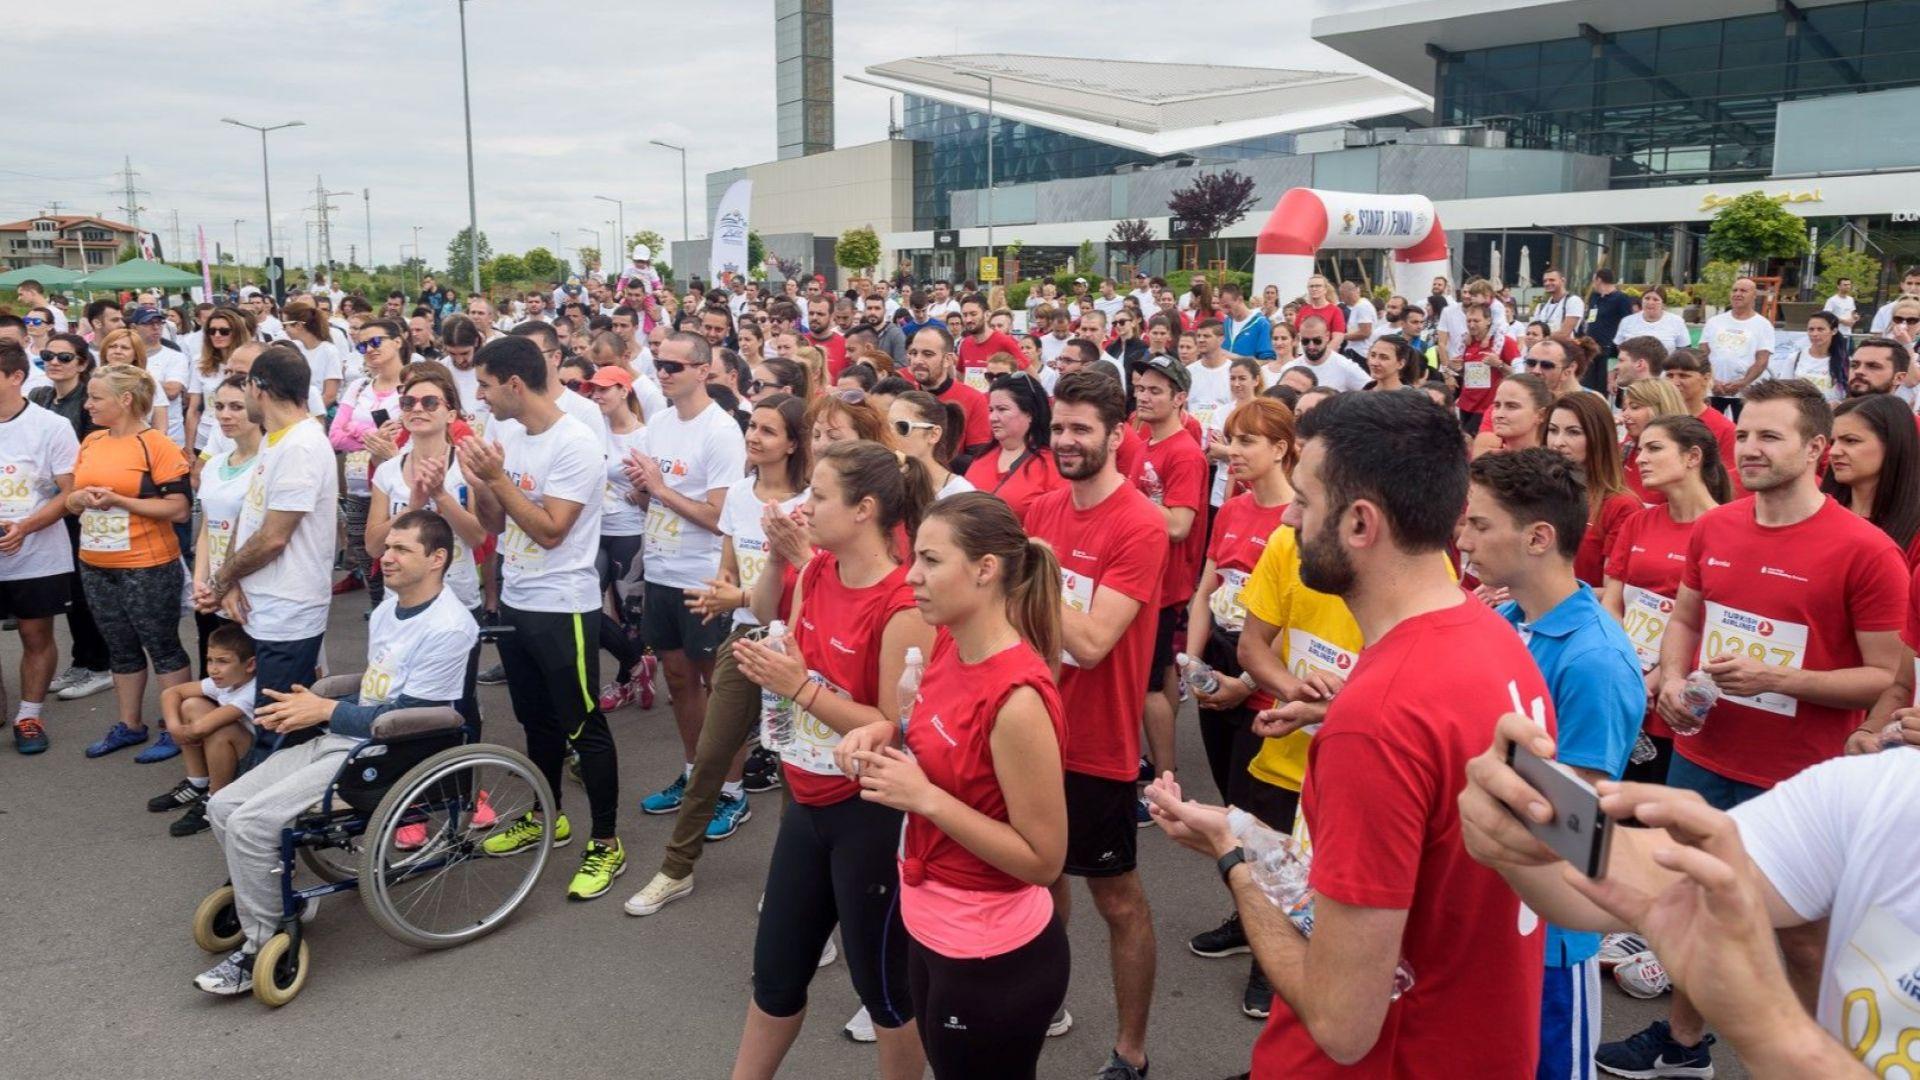 Хора с увреждания и приятелите им с големи сърца тичаха заедно в подкрепа на спорта за всички и създаването на Адаптиран младежки кариерен център